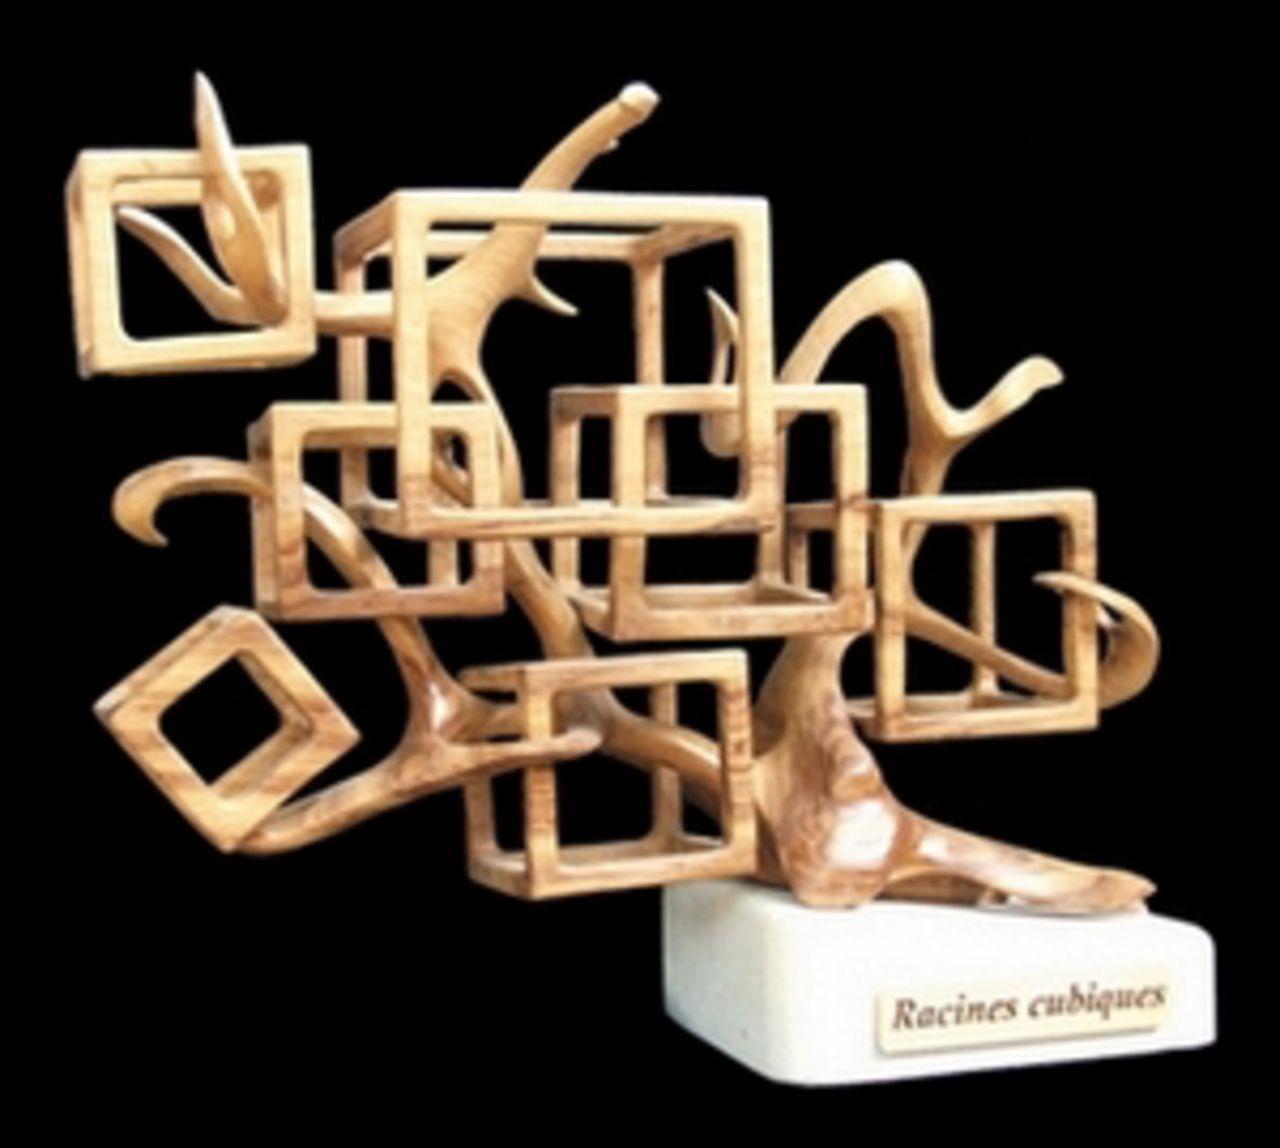 Roland Gagneux Racines cubiques